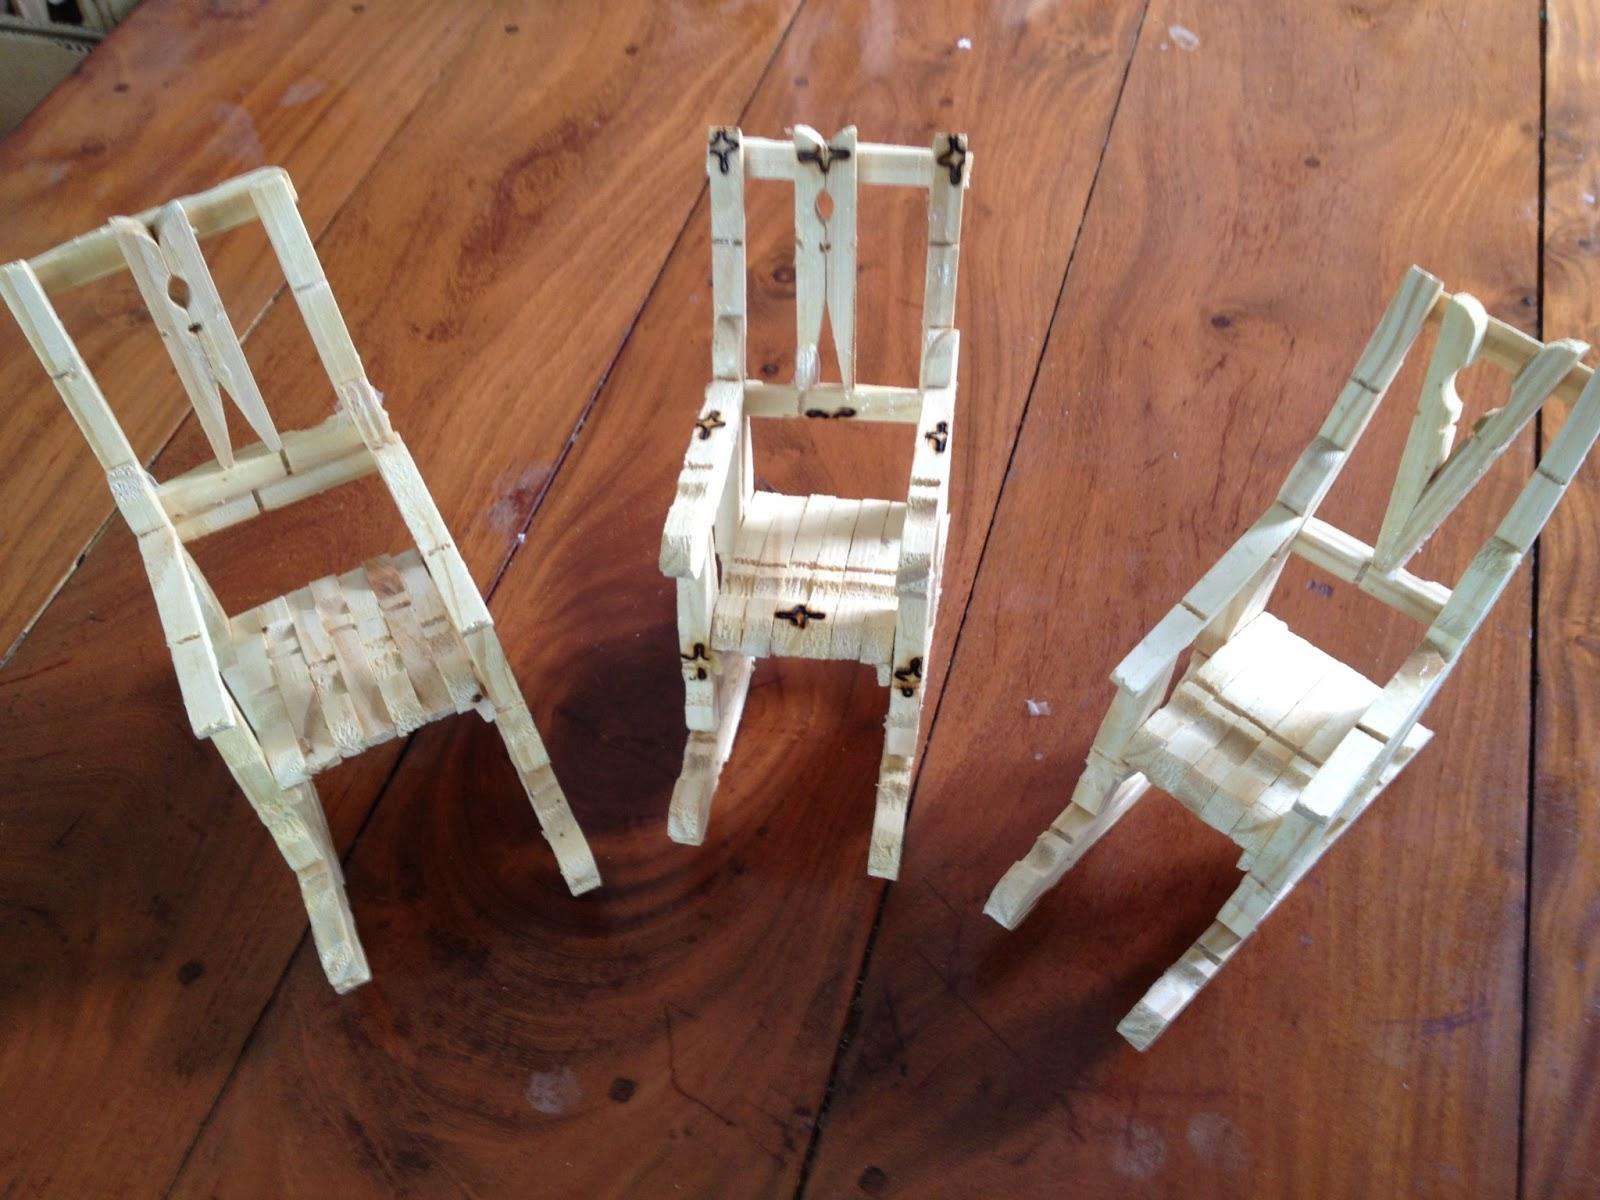 #3C1E17 Artesanato do Amigão: Cadeira de balanço pregador 1600x1200 px cadeira de balanço com pregador @ bernauer.info Móveis Antigos Novos E Usados Online